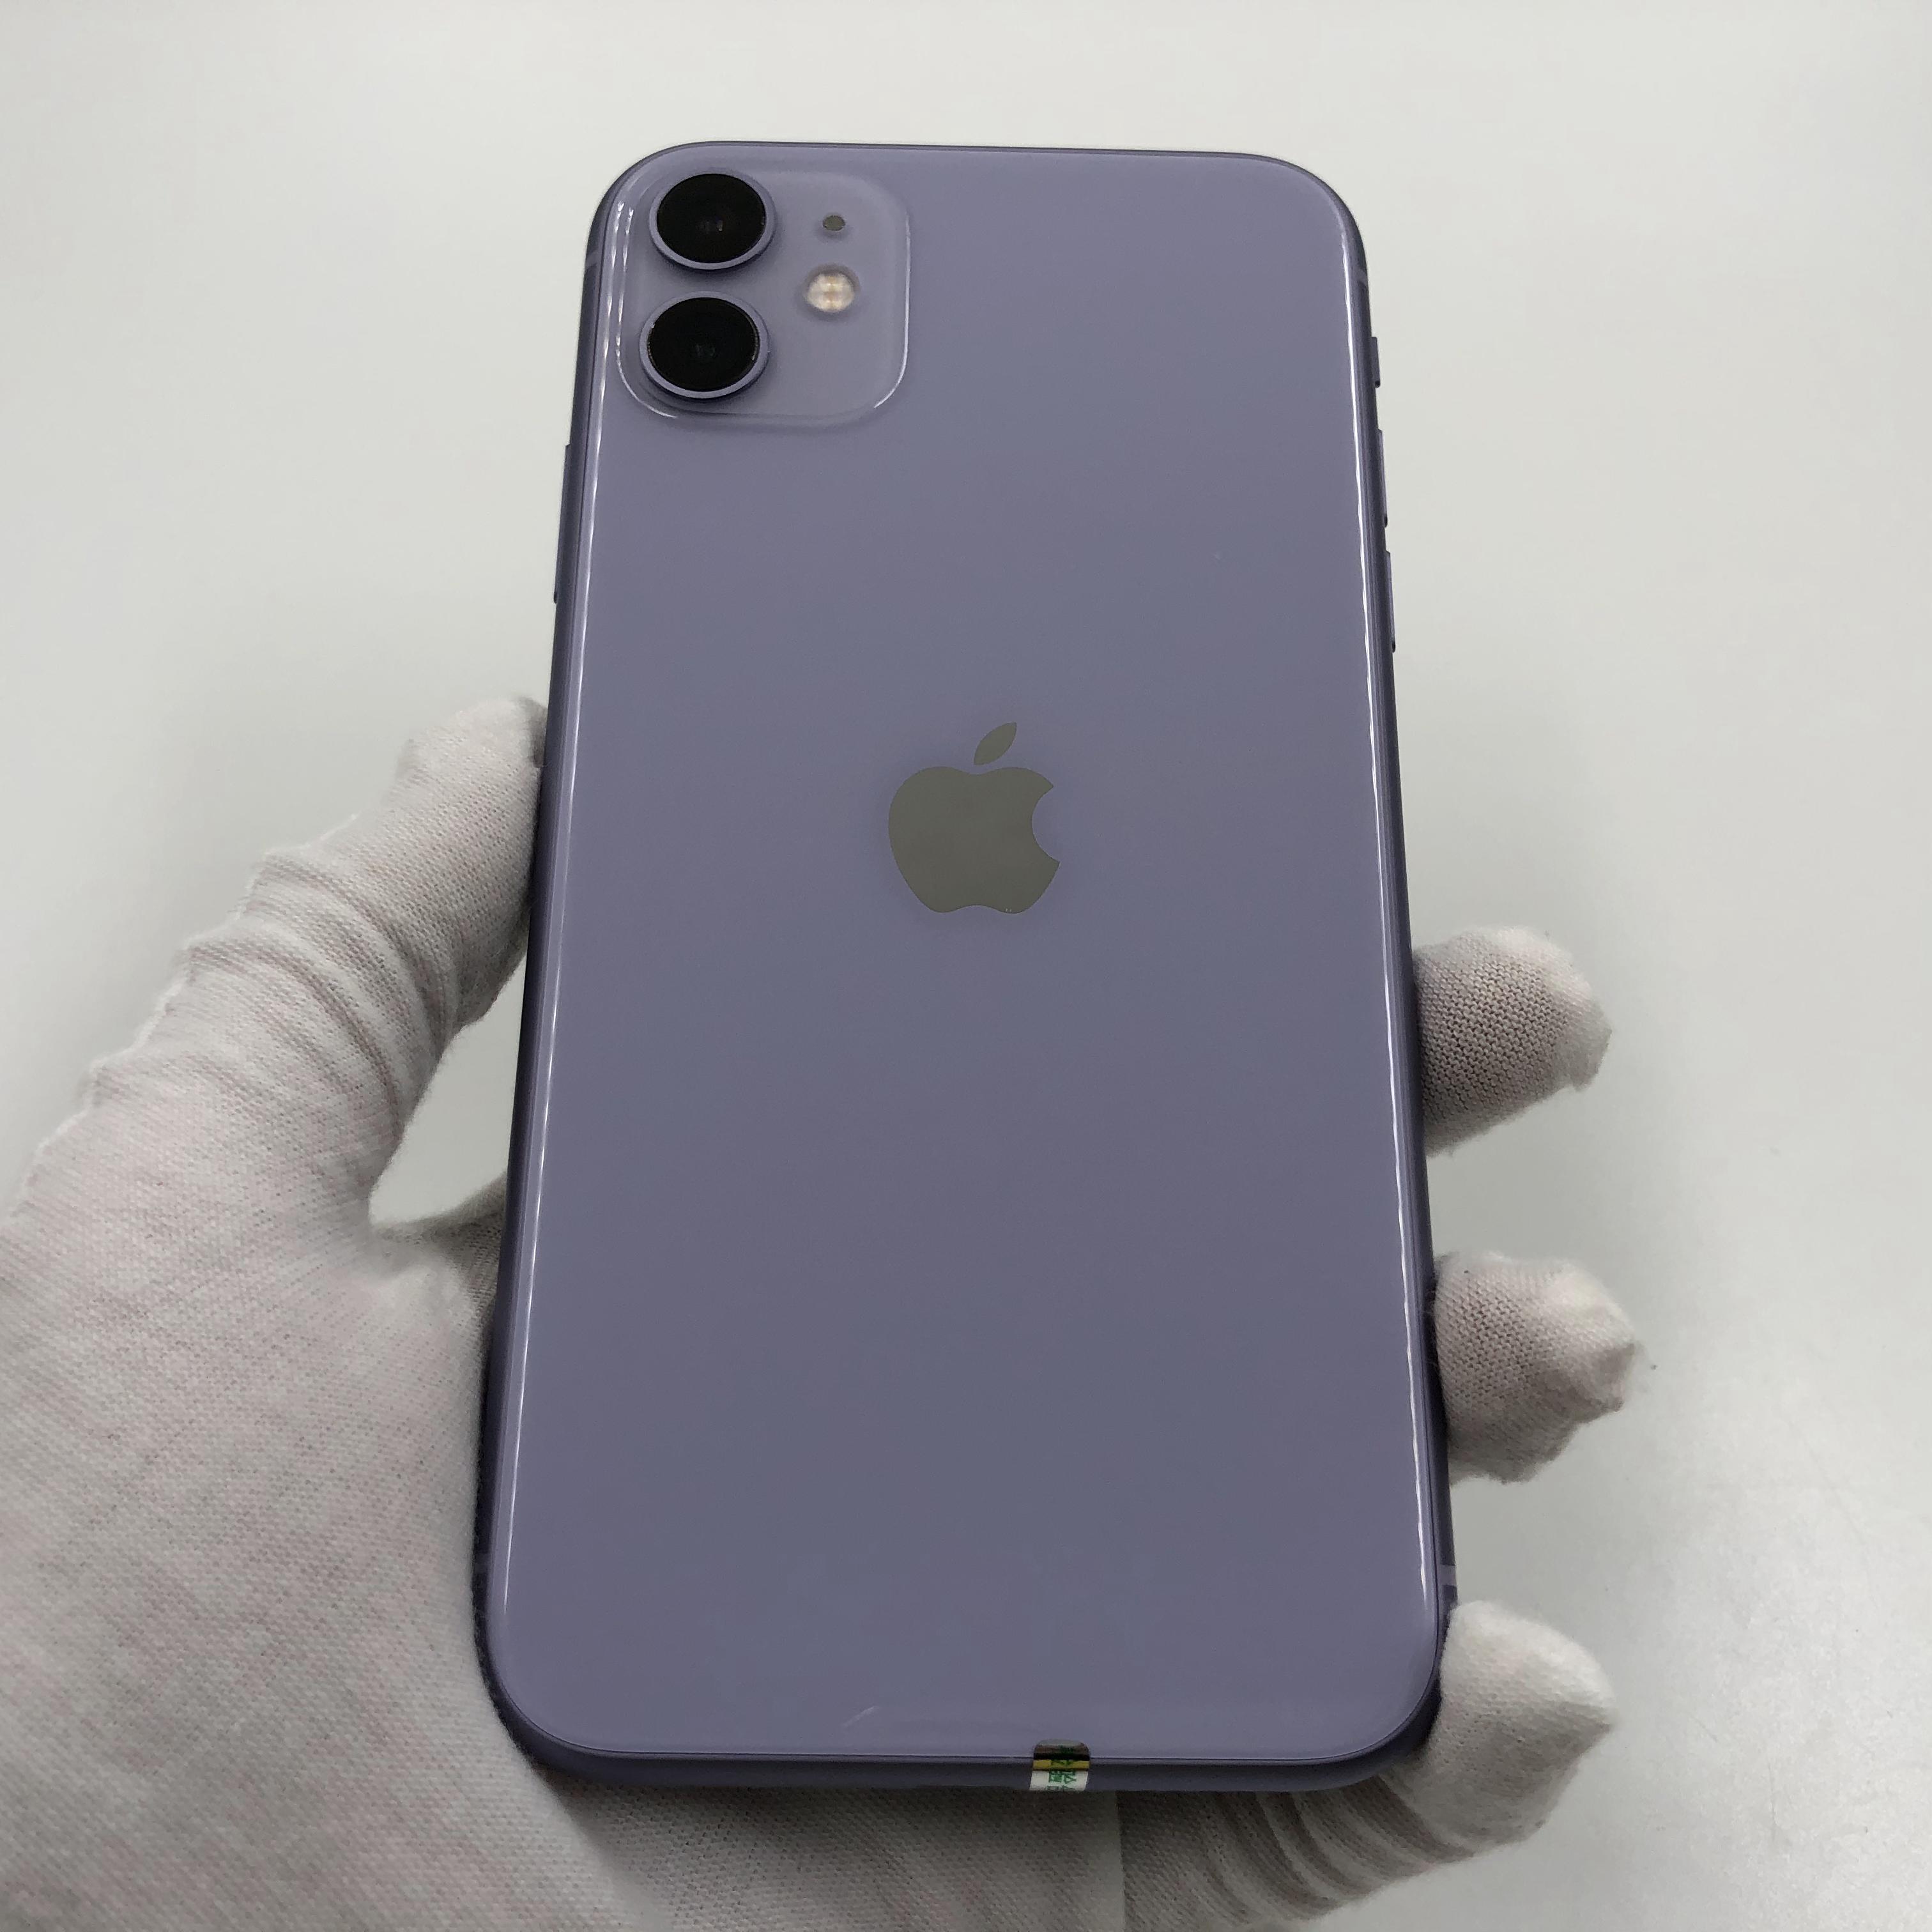 苹果【iPhone 11】4G全网通 紫色 256G 国行 8成新 真机实拍